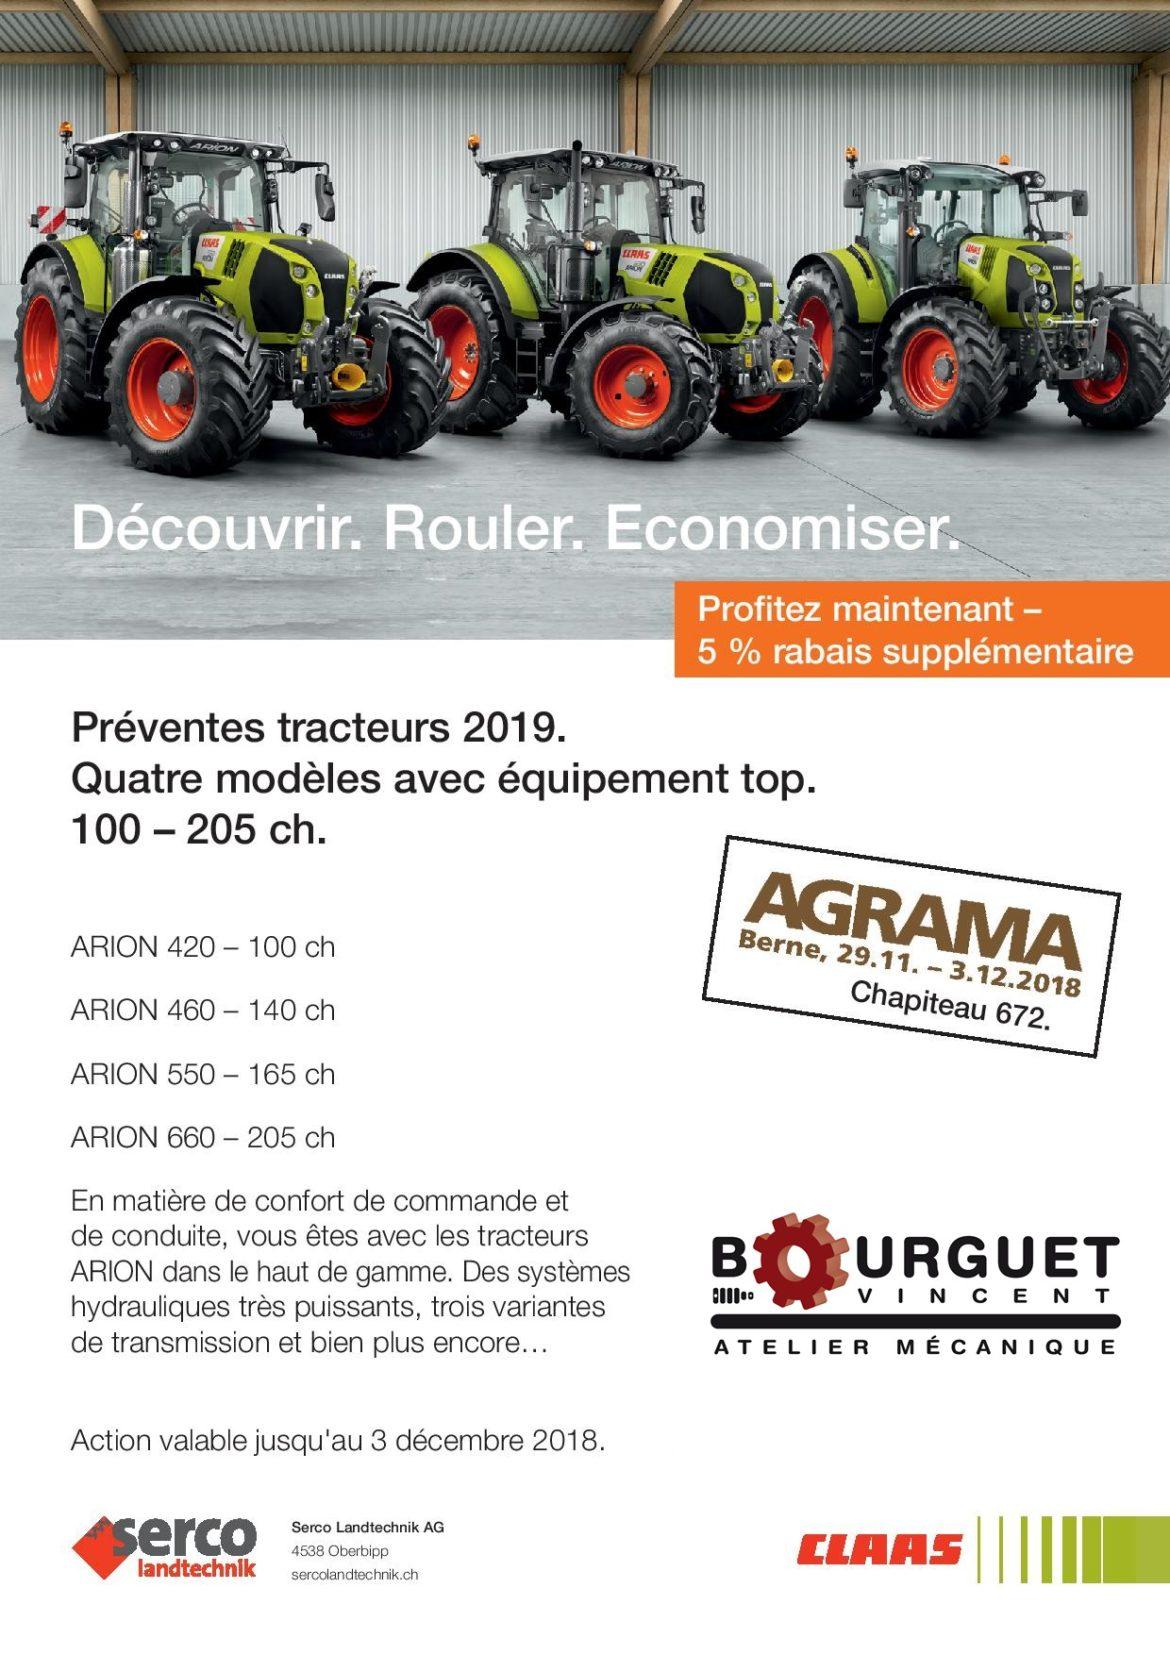 Action préventes tracteurs 2019